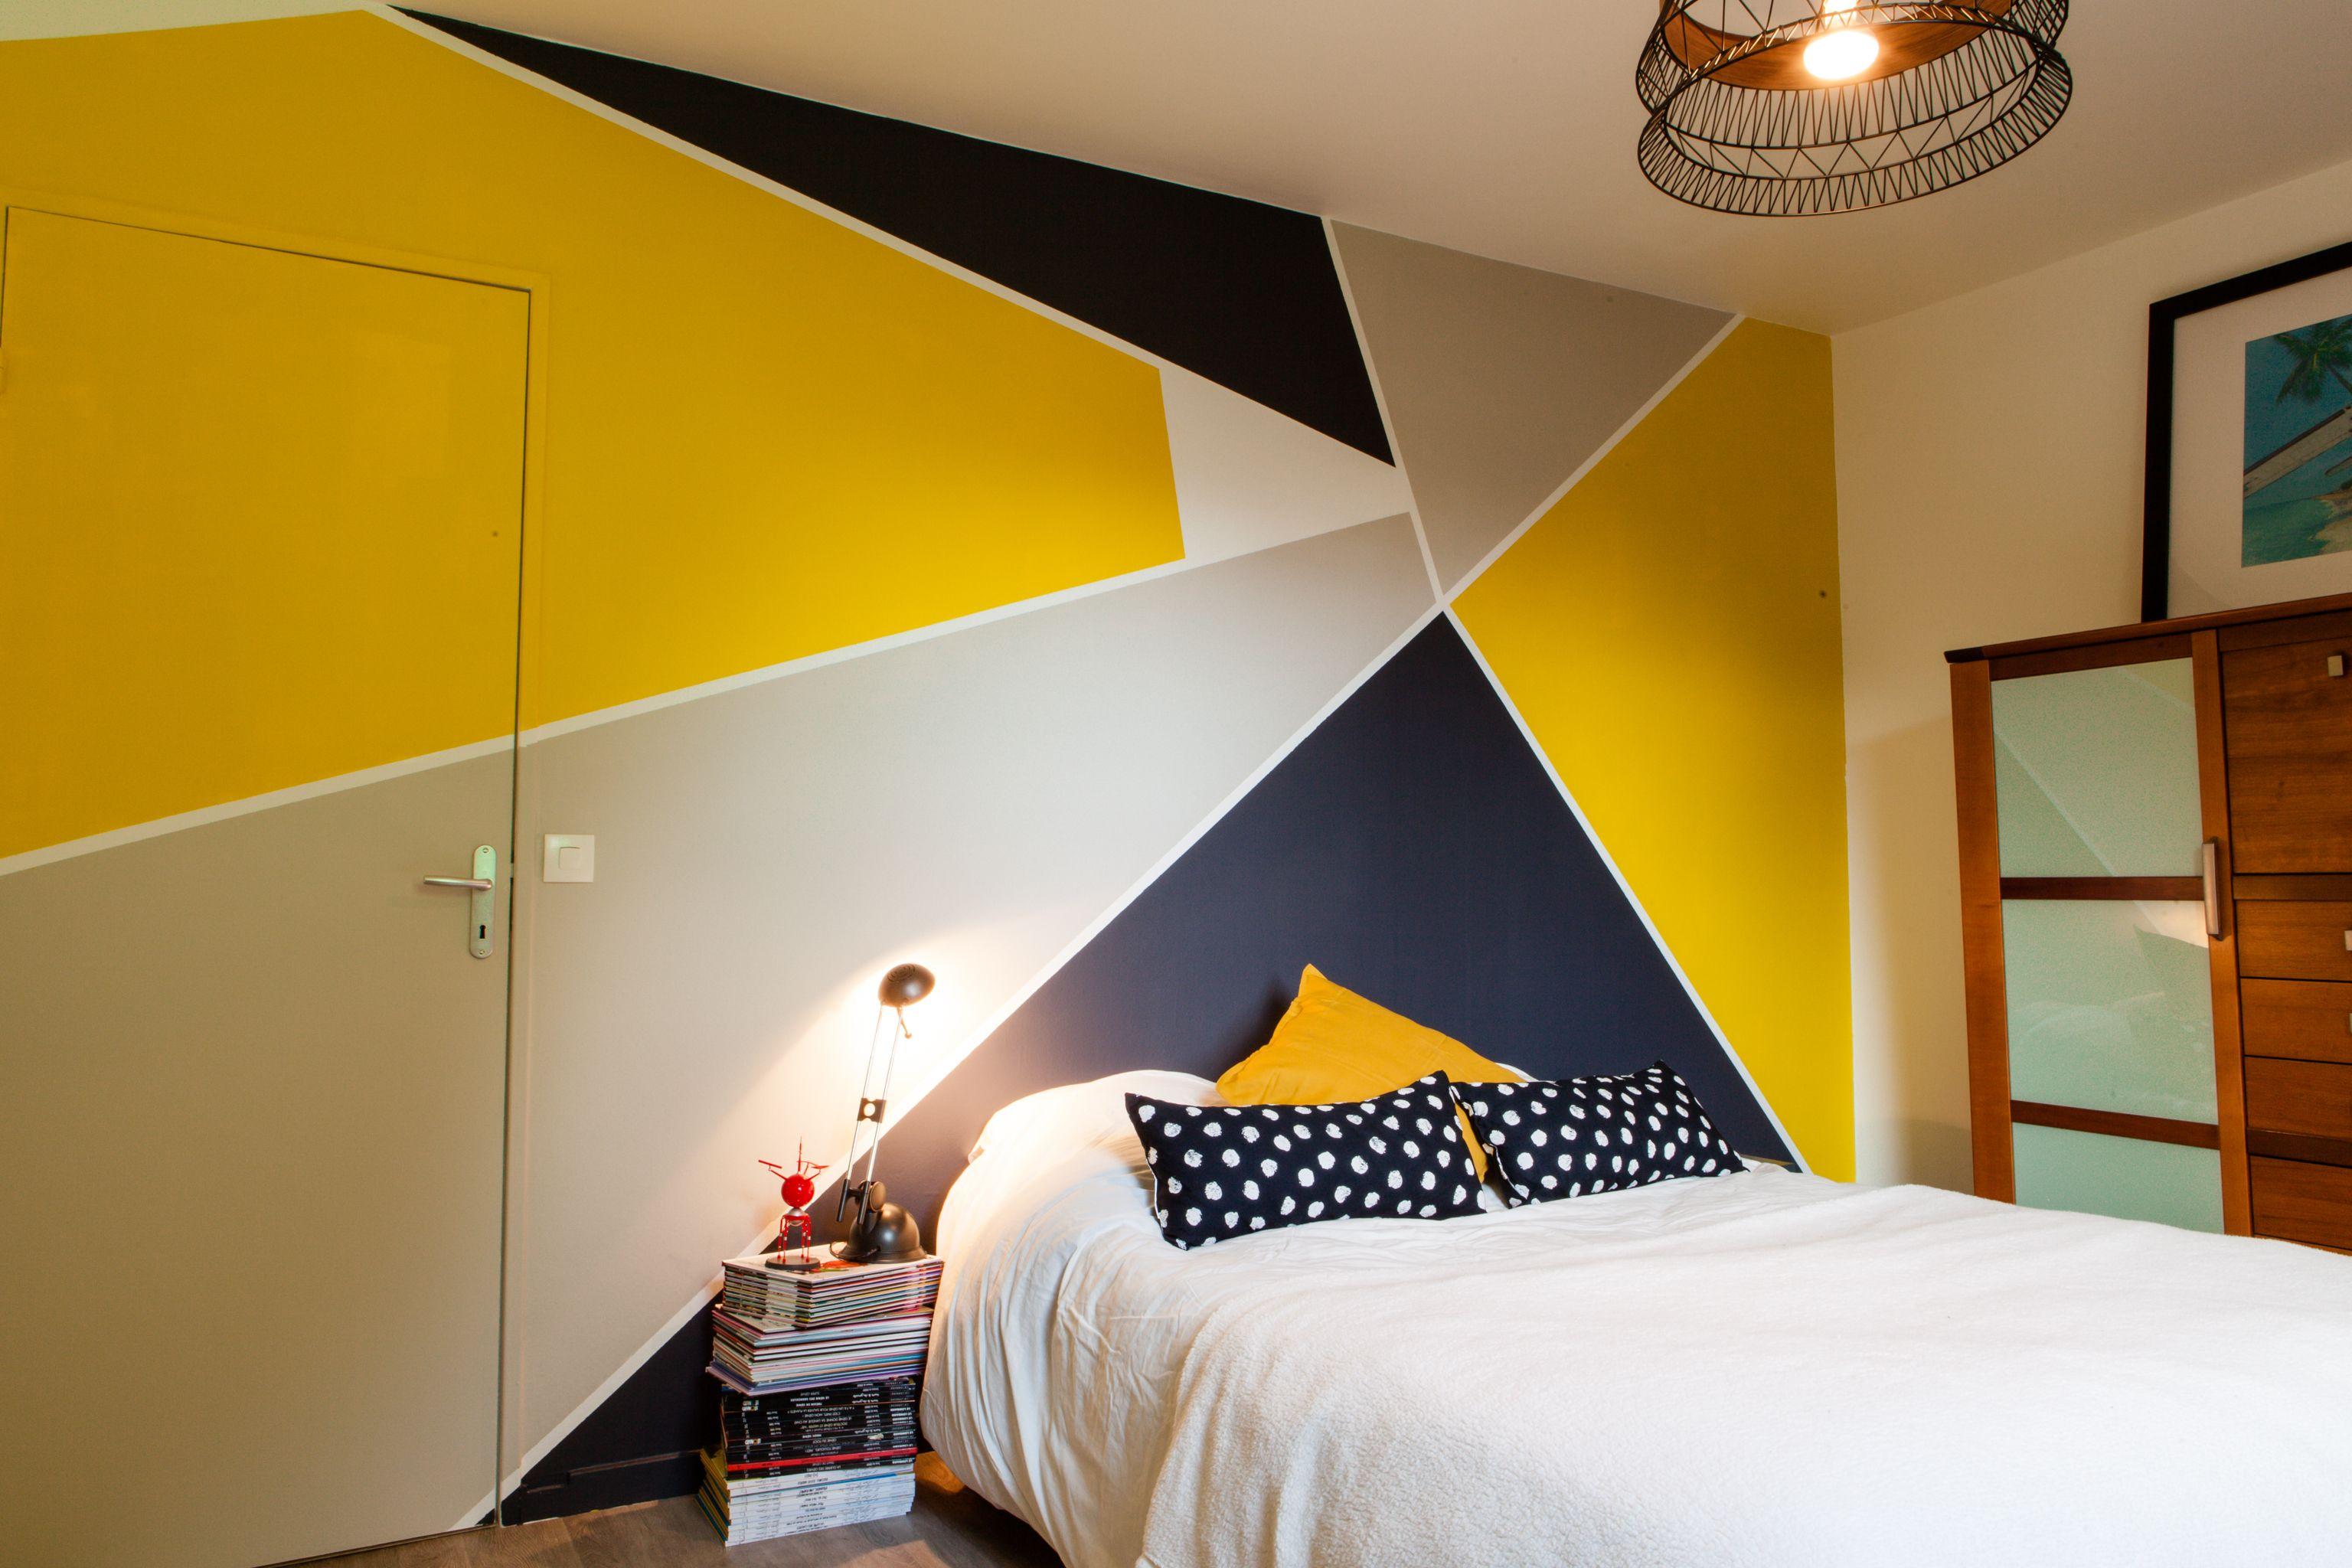 19+ Decoration en peinture pour chambre trends